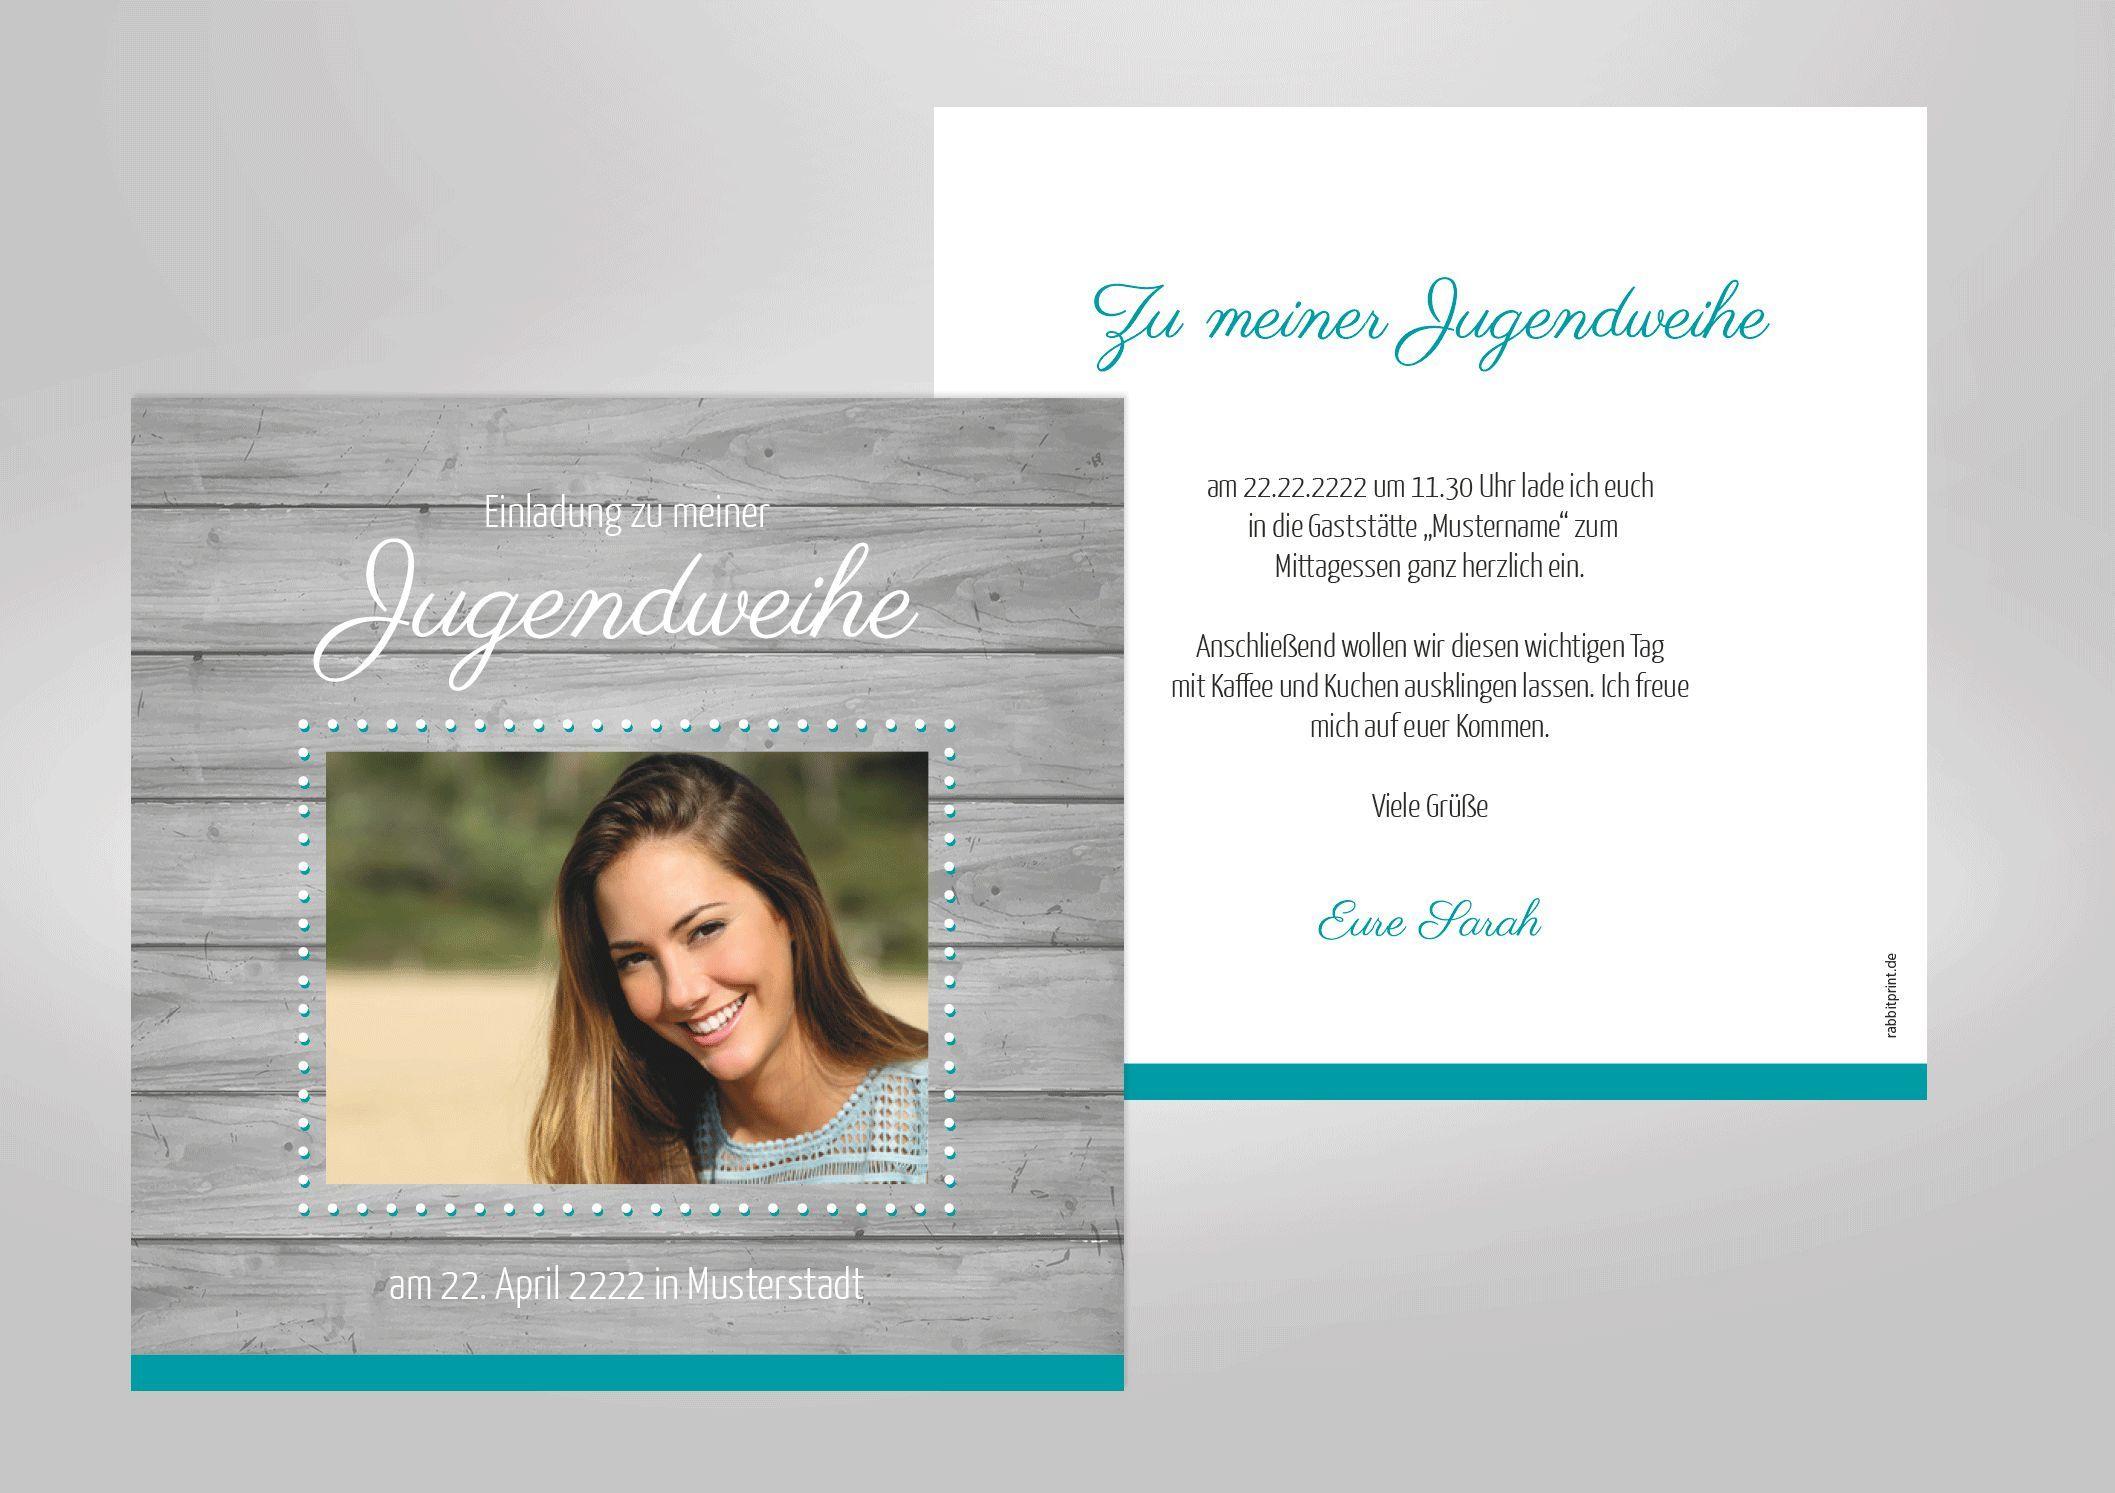 Einladungskarten Selbst Gestalten: Einladungskarten-jugendweihe-selbst-gestalten